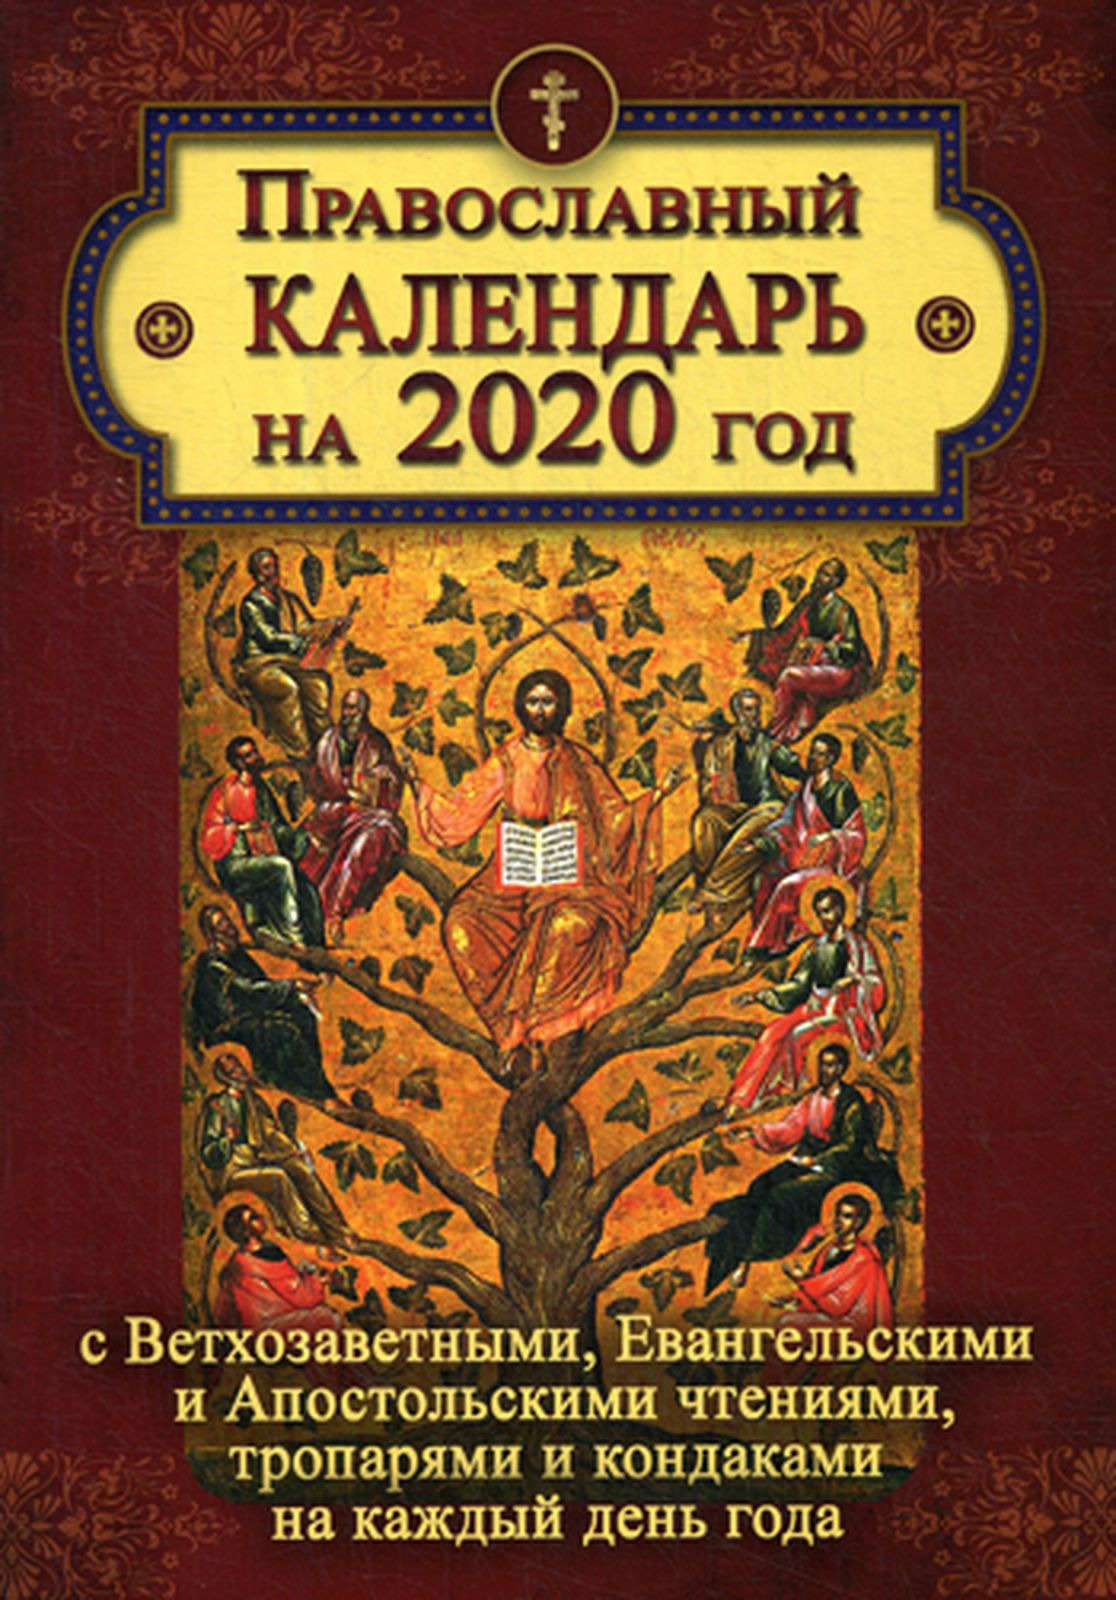 Православный календарь на 2020 год с Ветхозаветными, Евангельскими и Апостольскими чтениями, тропарями и кондаками на каждый день календарь it событий